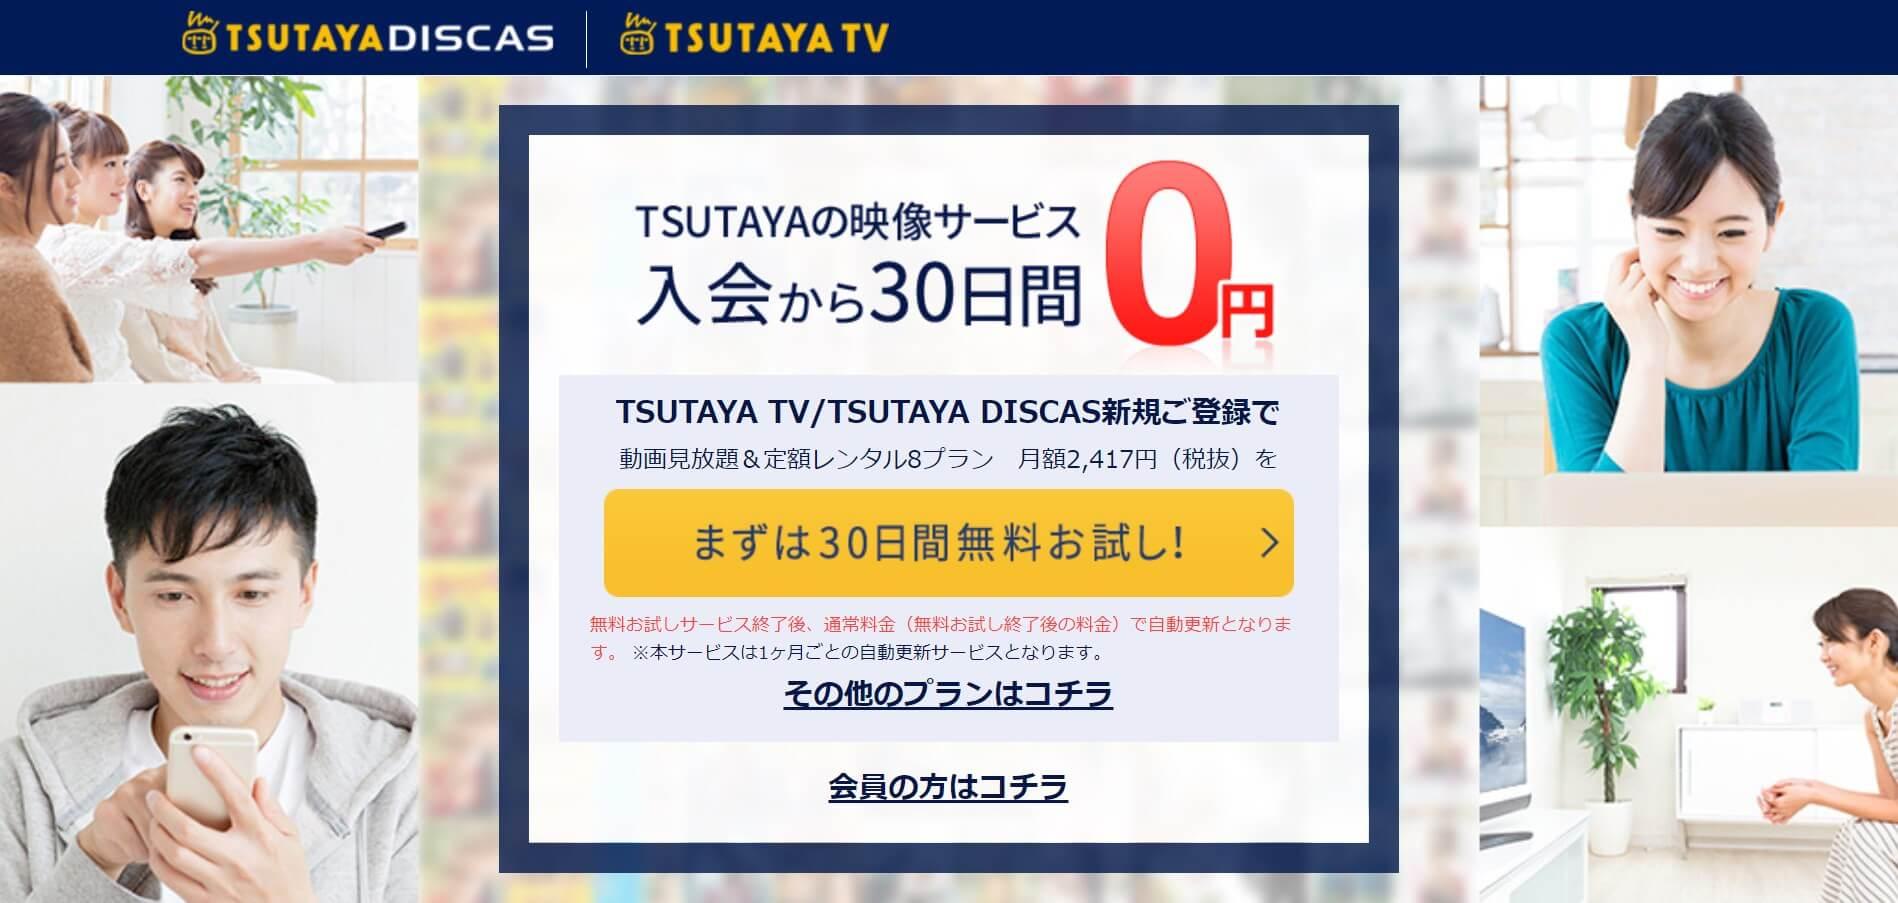 TSUTAYA DISCASのTOPページ